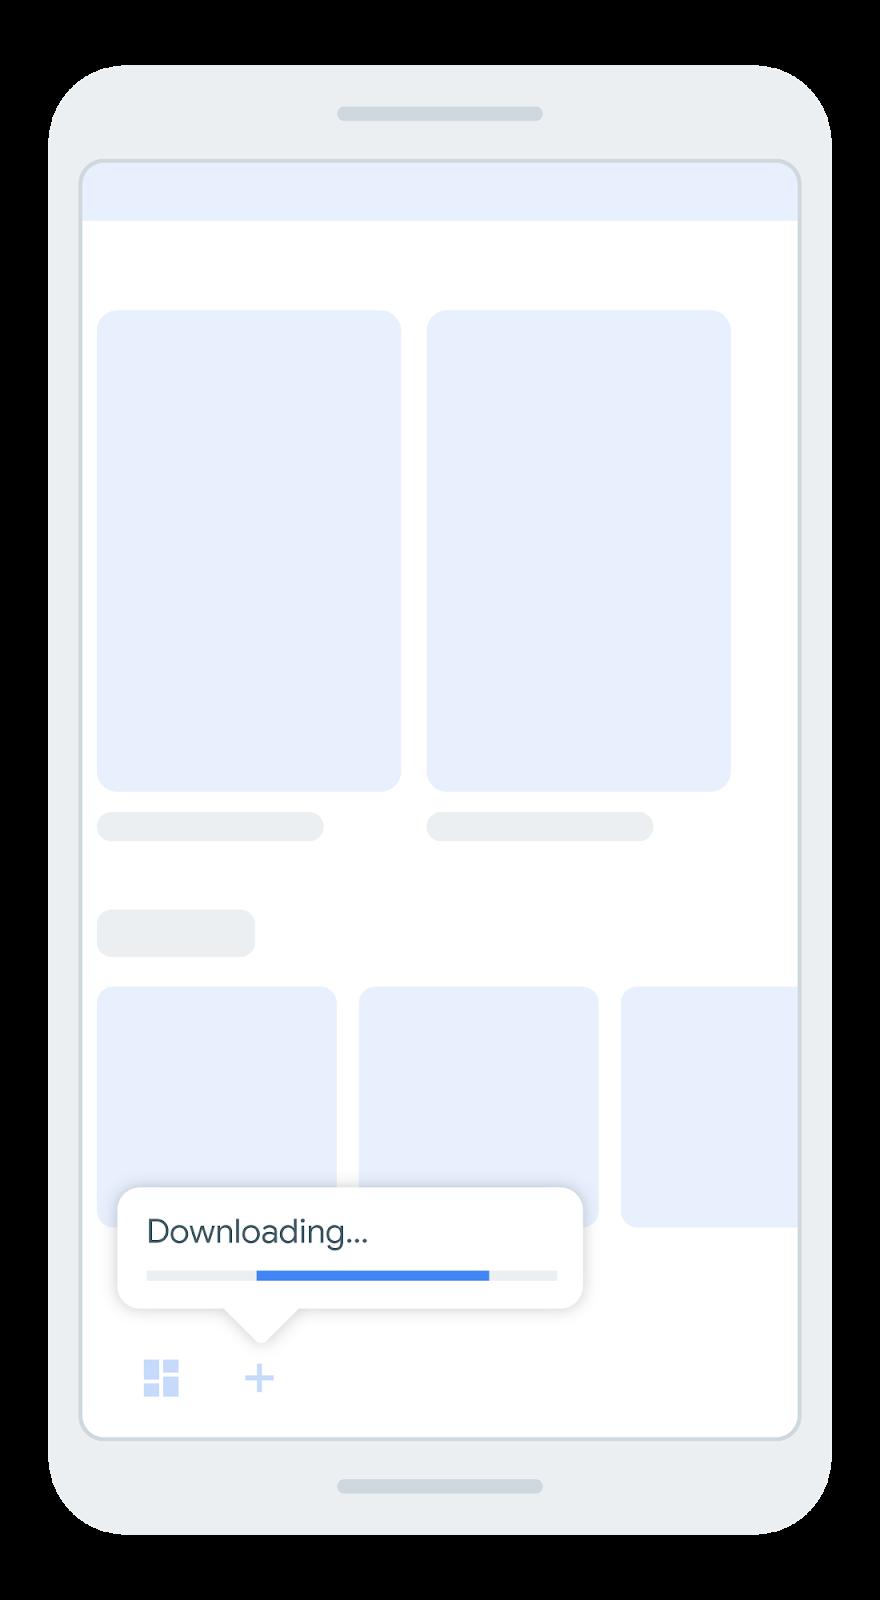 Pantalla que muestra una barra de navegación inferior con un ícono que indica que se descarga un módulo de funciones